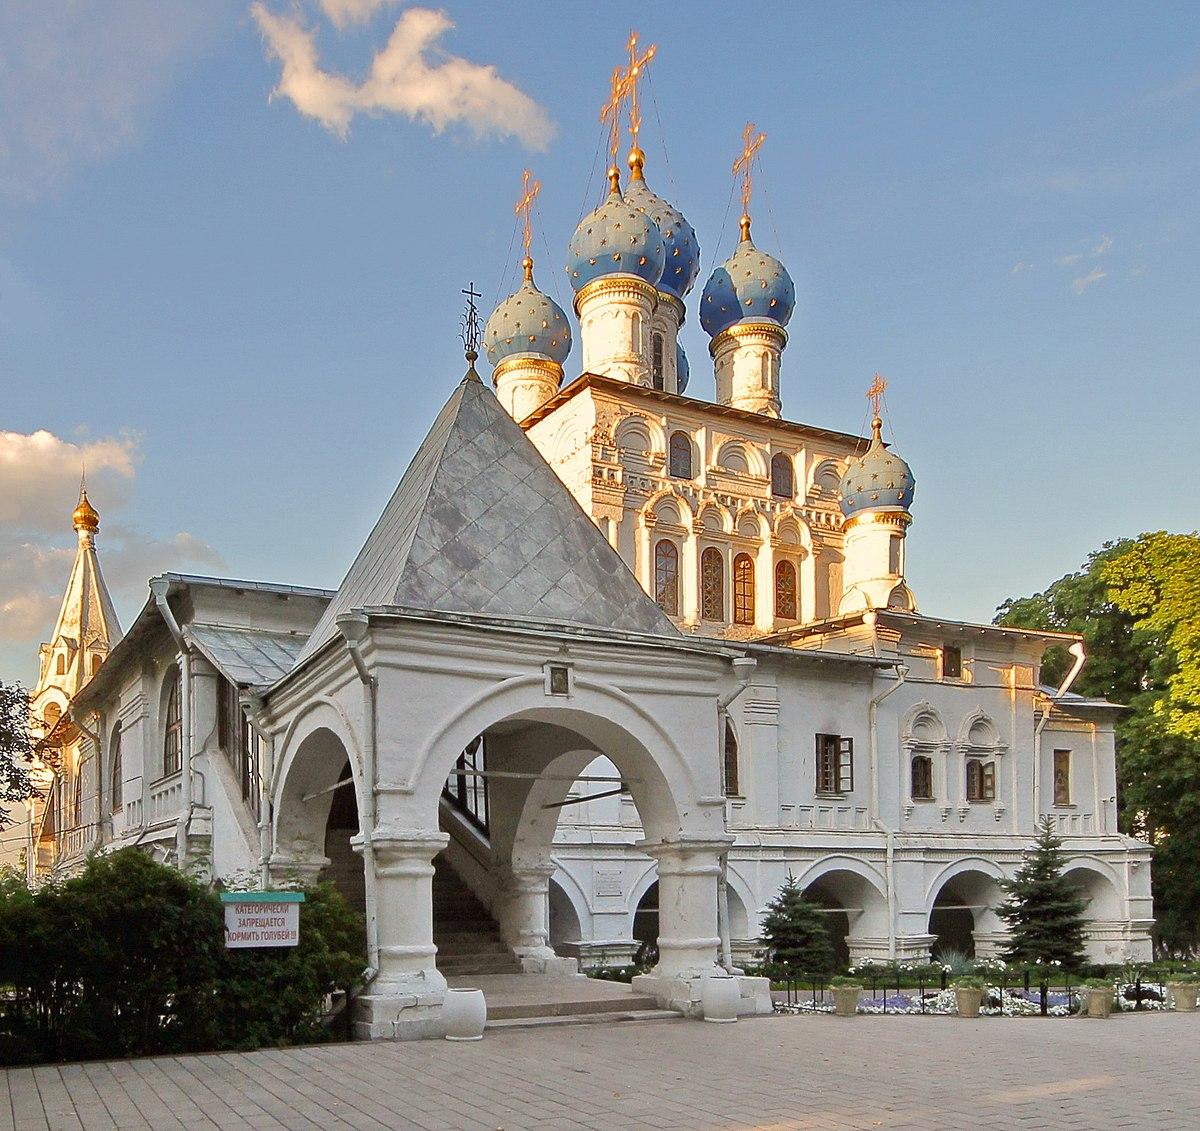 фото коломенское музей-заповедник официальный сайт